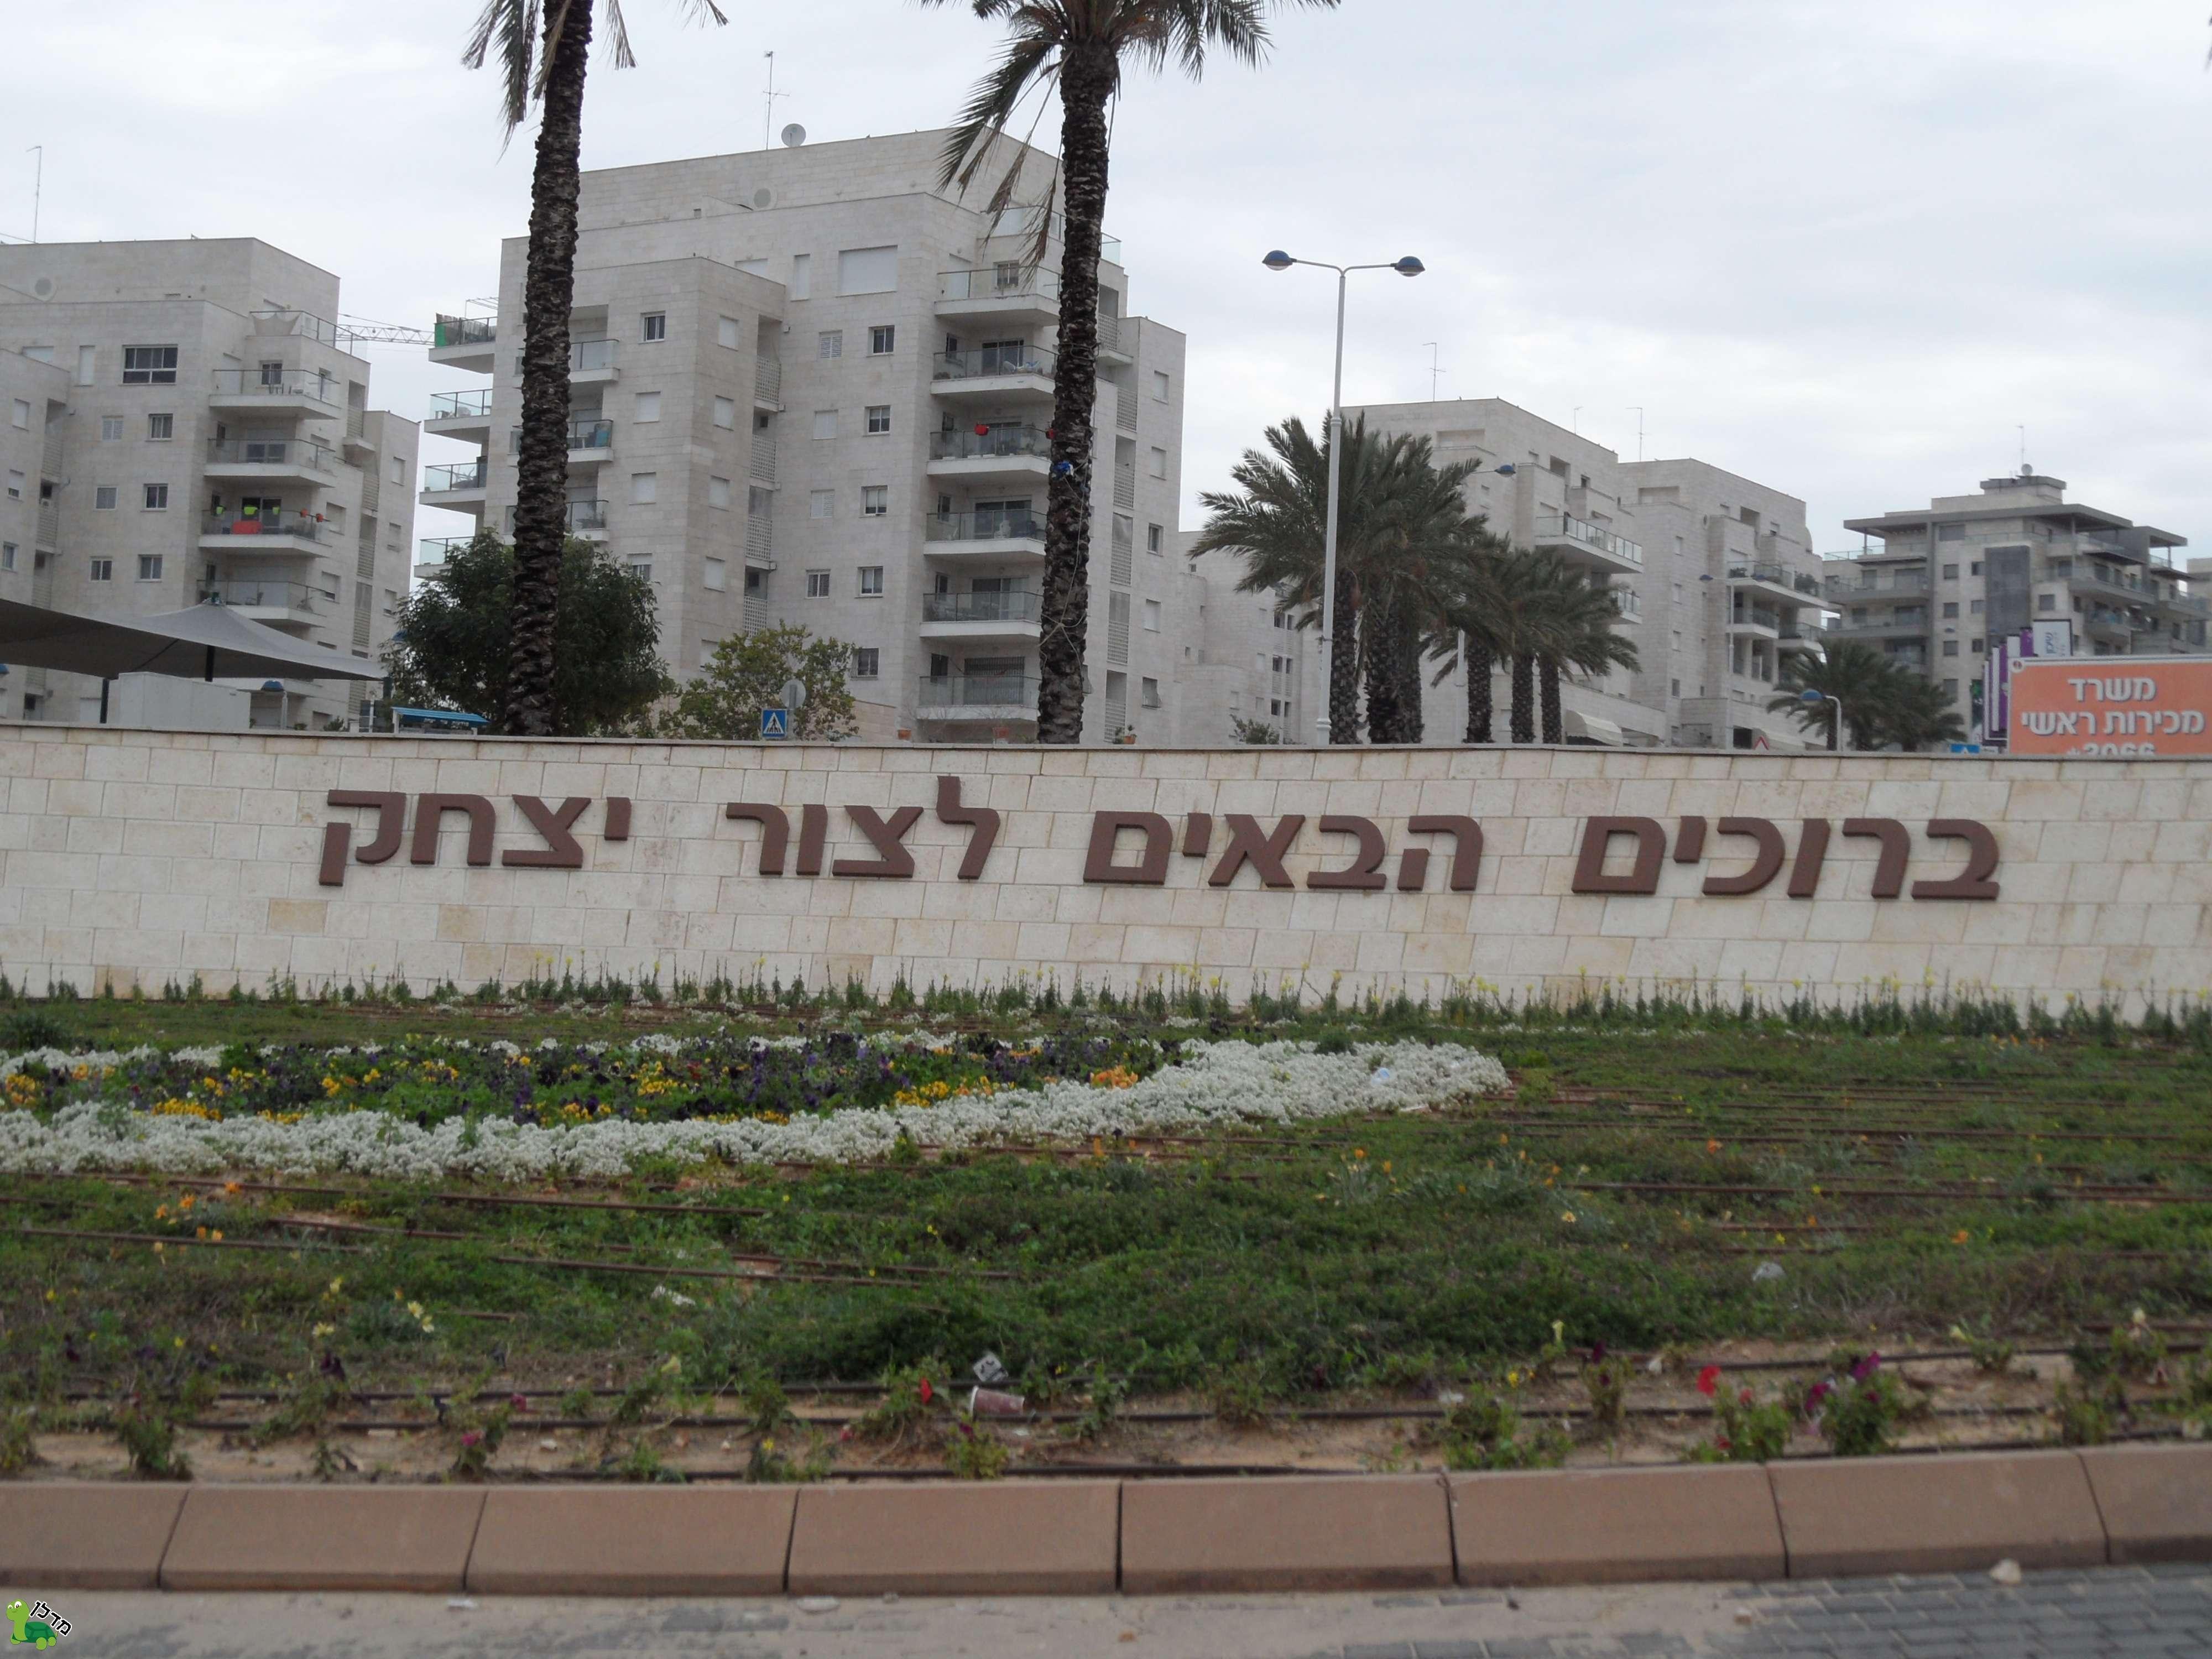 ענק דירות למכירה בצור יצחק - 76 דירות באזור DR-73